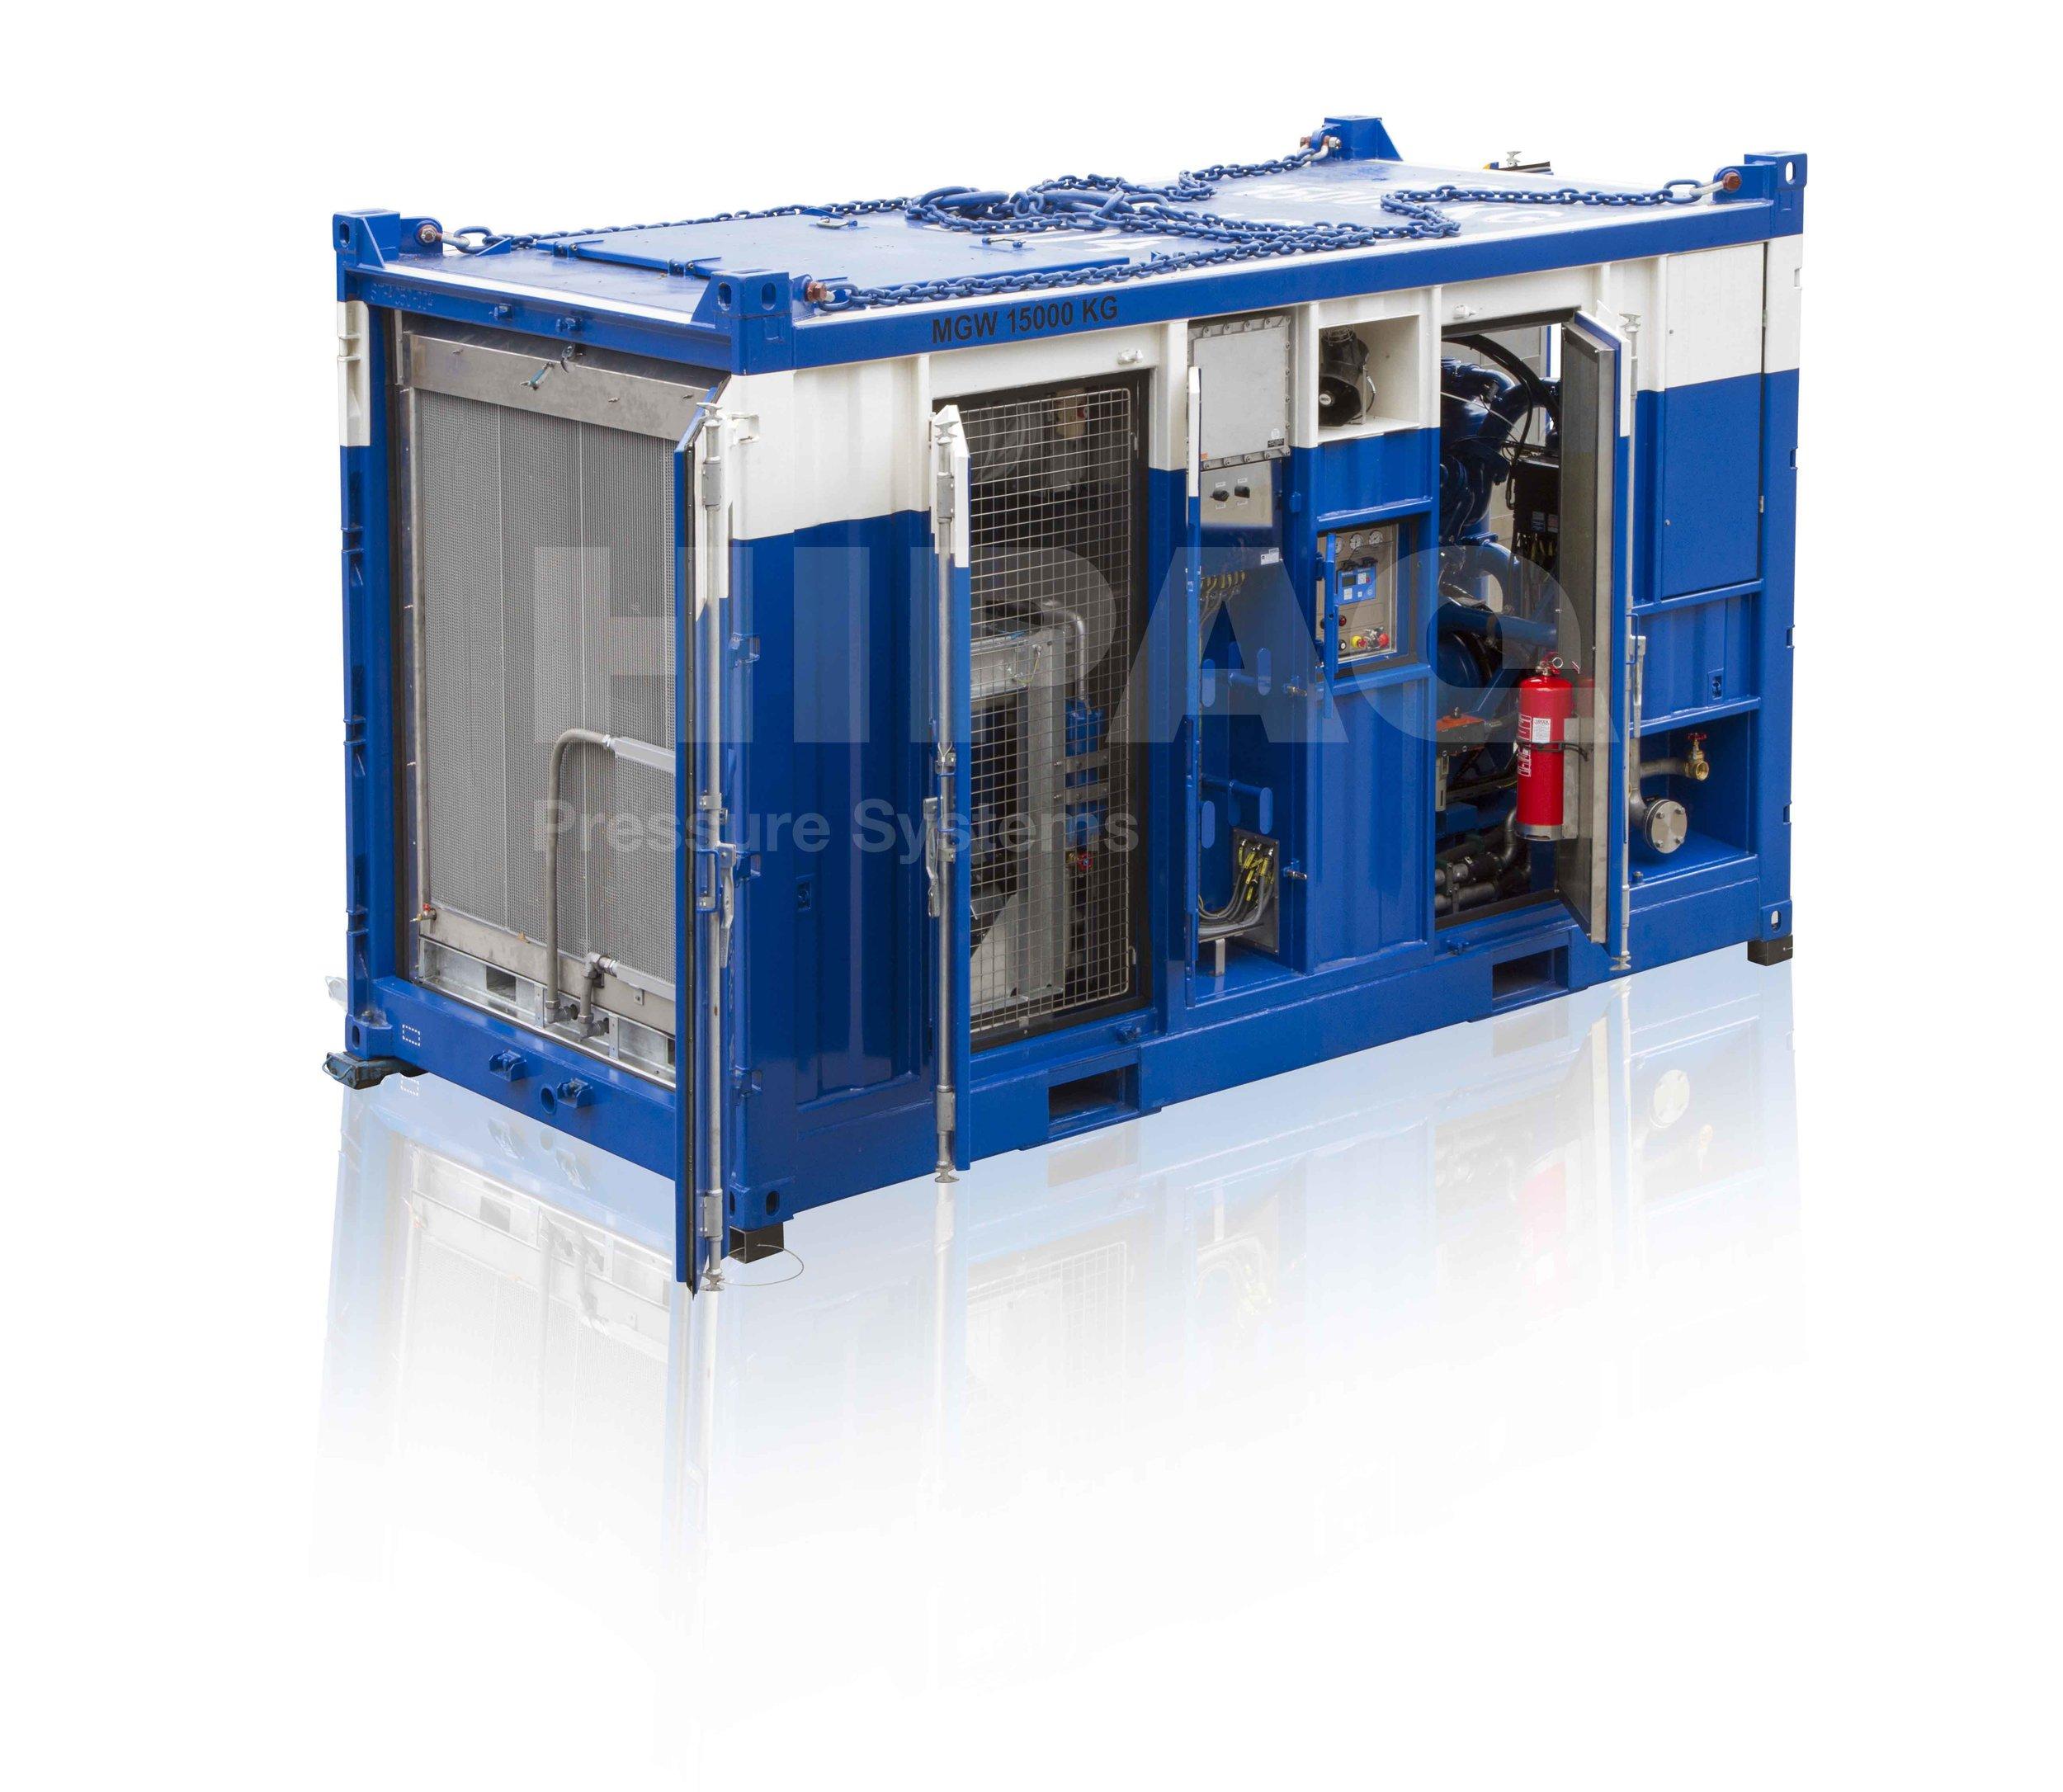 air compressor diesel.jpg